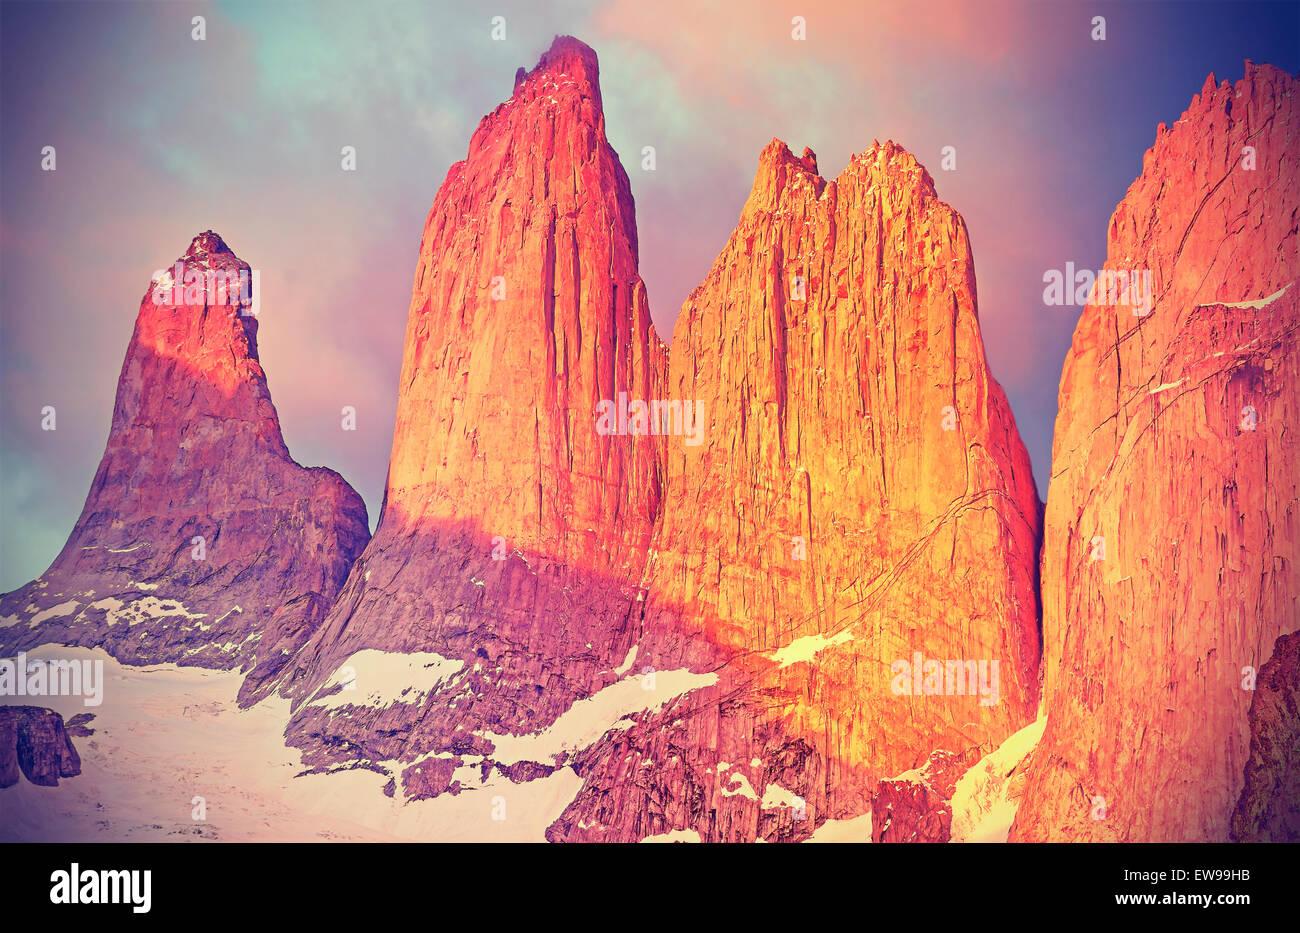 Amanecer sobre las montañas de Torres del Paine, Patagonia, Chile. Imagen De Stock